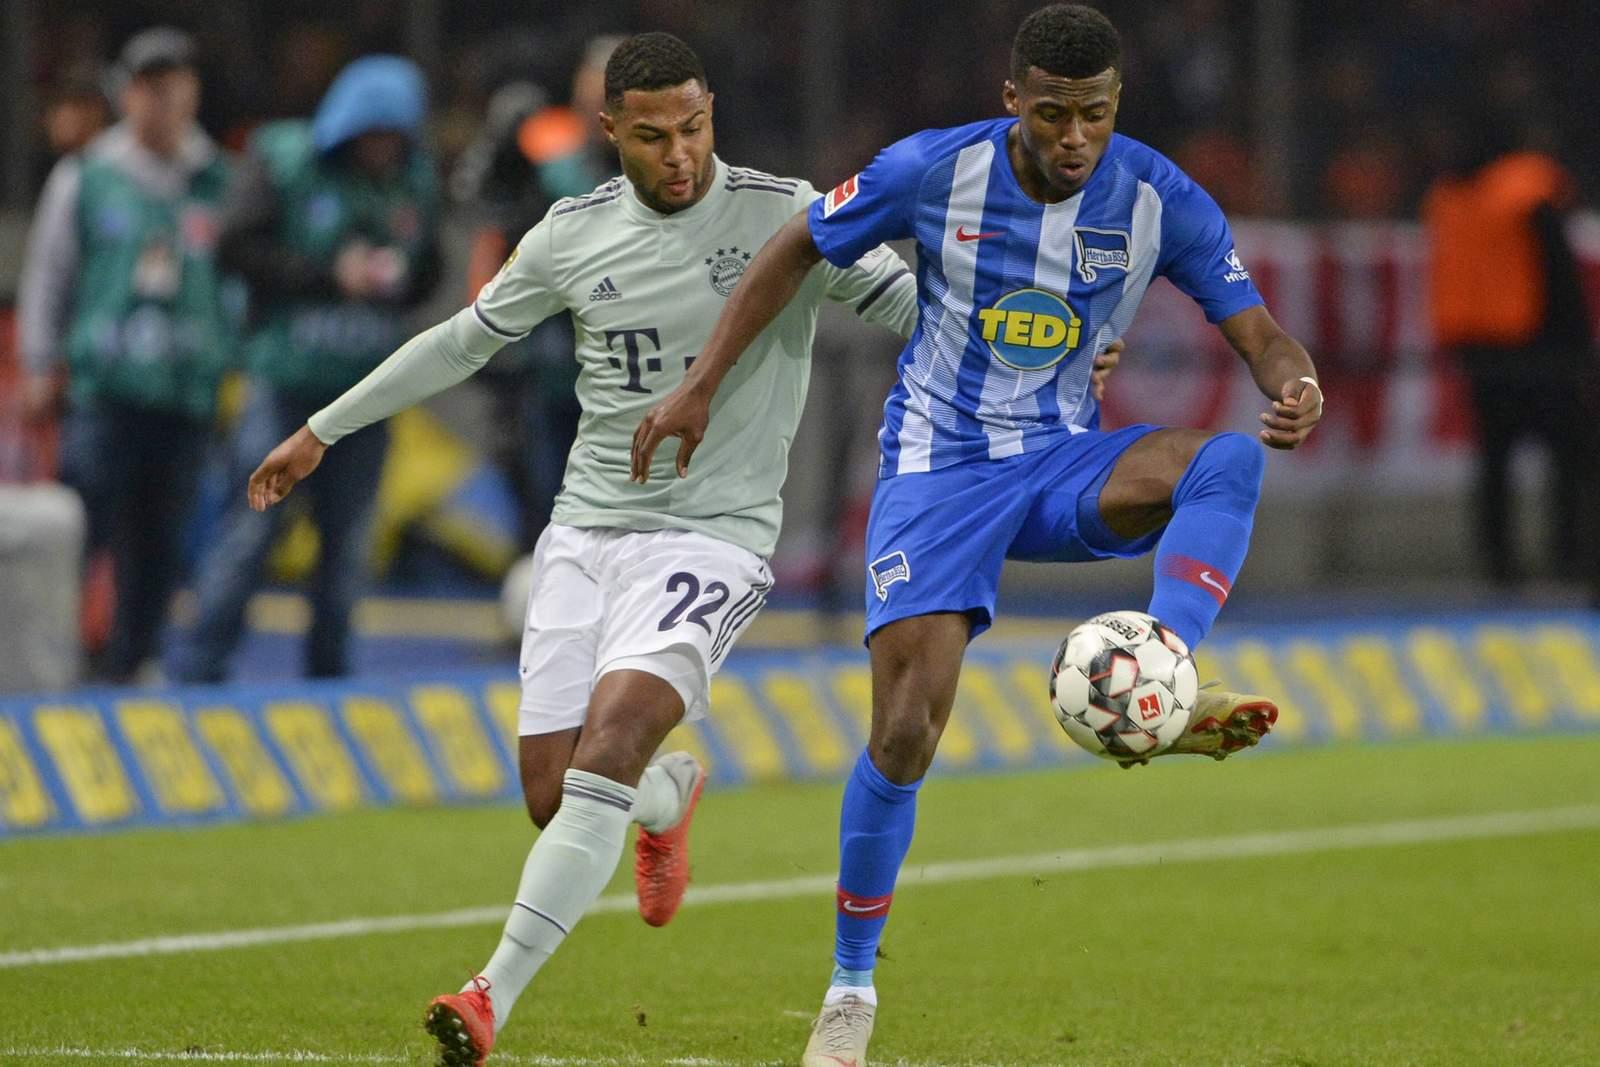 Setzt sich Gnabry wieder gegen Dilrosun durch? Jetzt auf Hertha gegen Bayern wetten